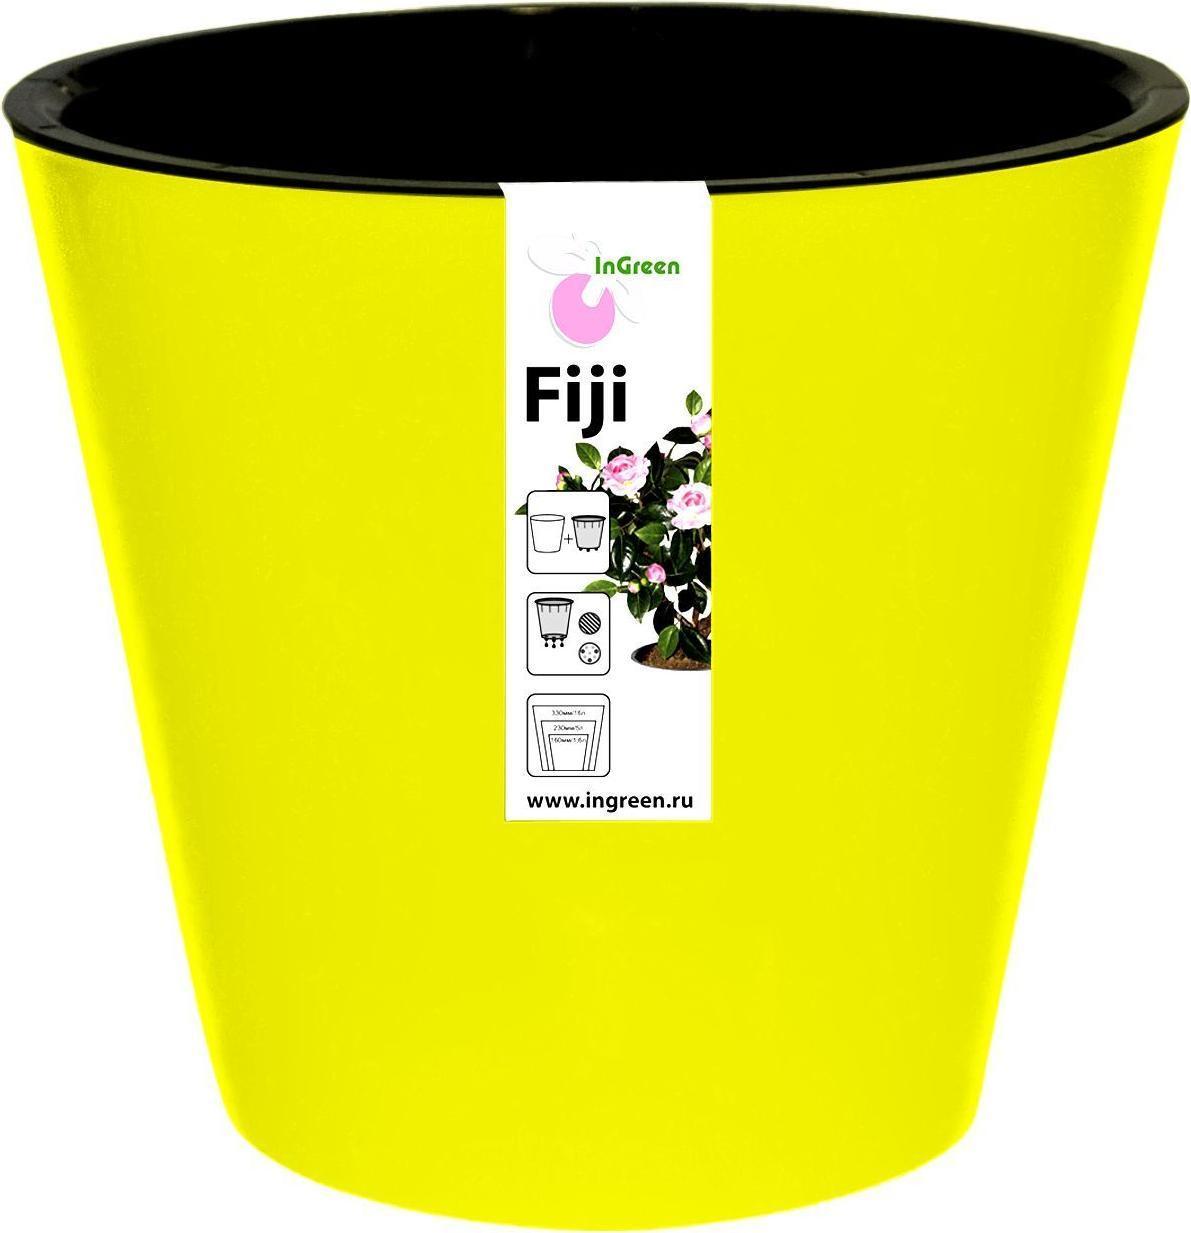 Горшок для цветов Фиджи D 330 мм/16 л на колесиках желтый